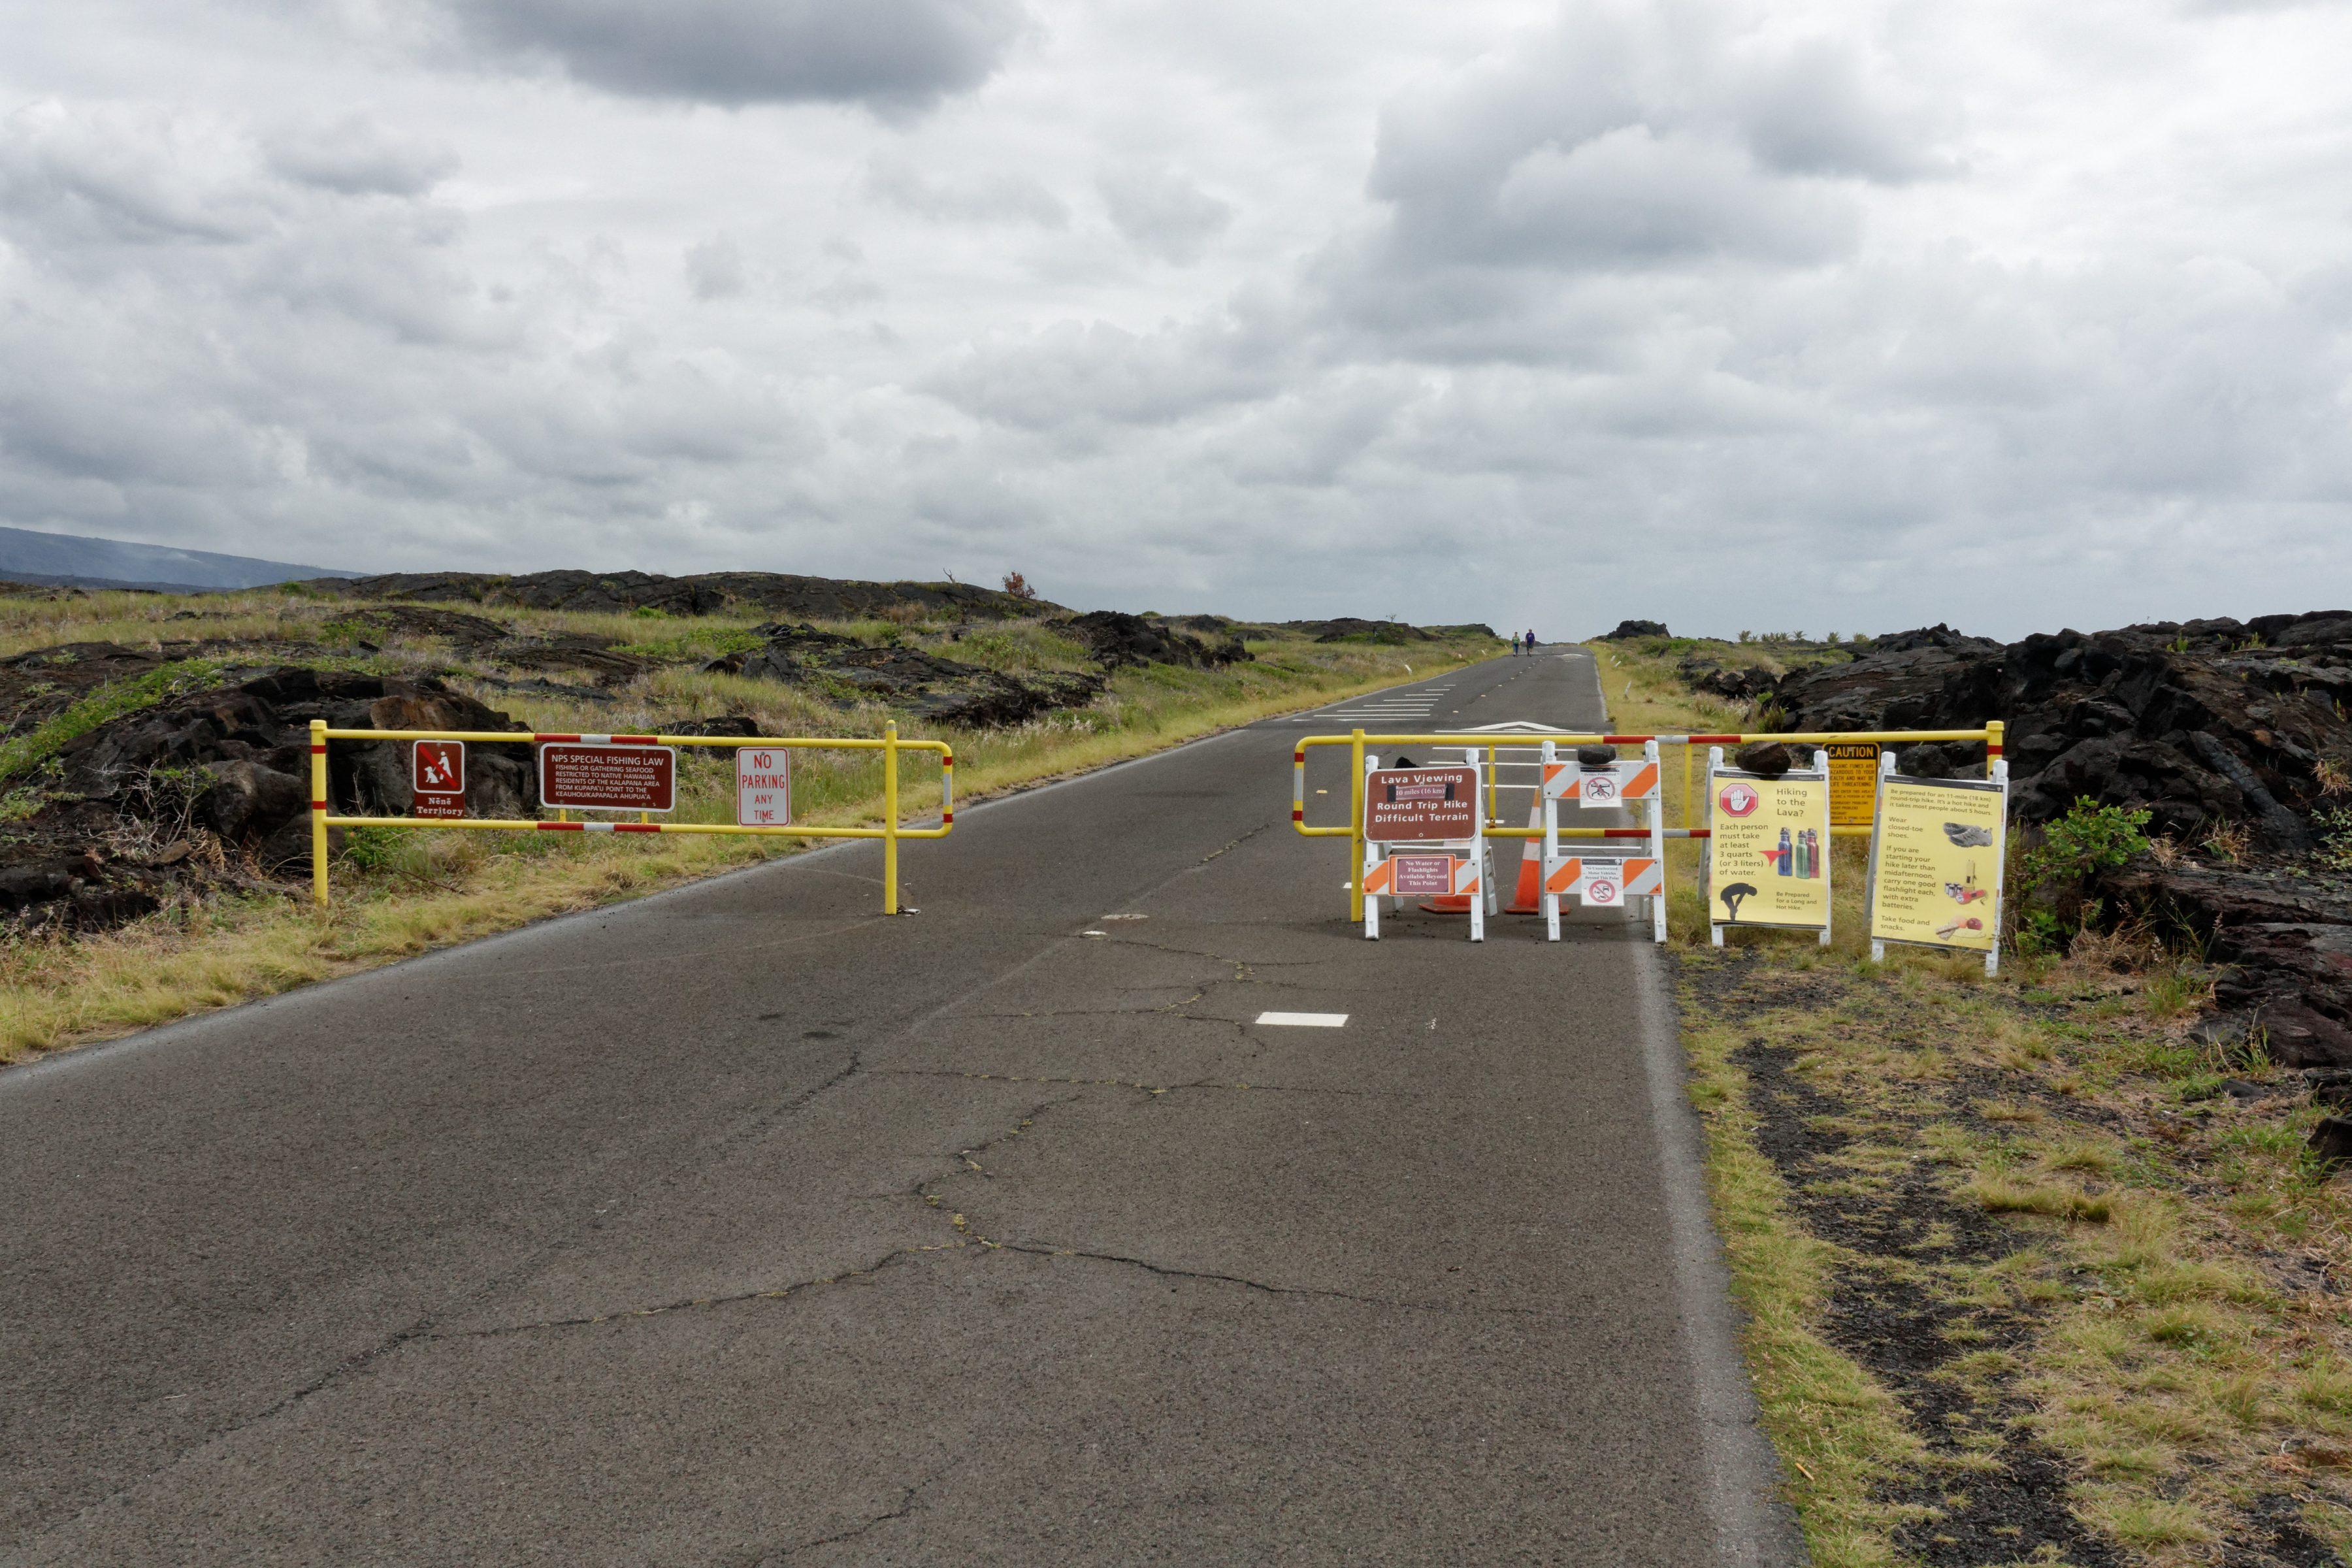 La route est fermée : seuls les piétons et les vélos sont autorisés